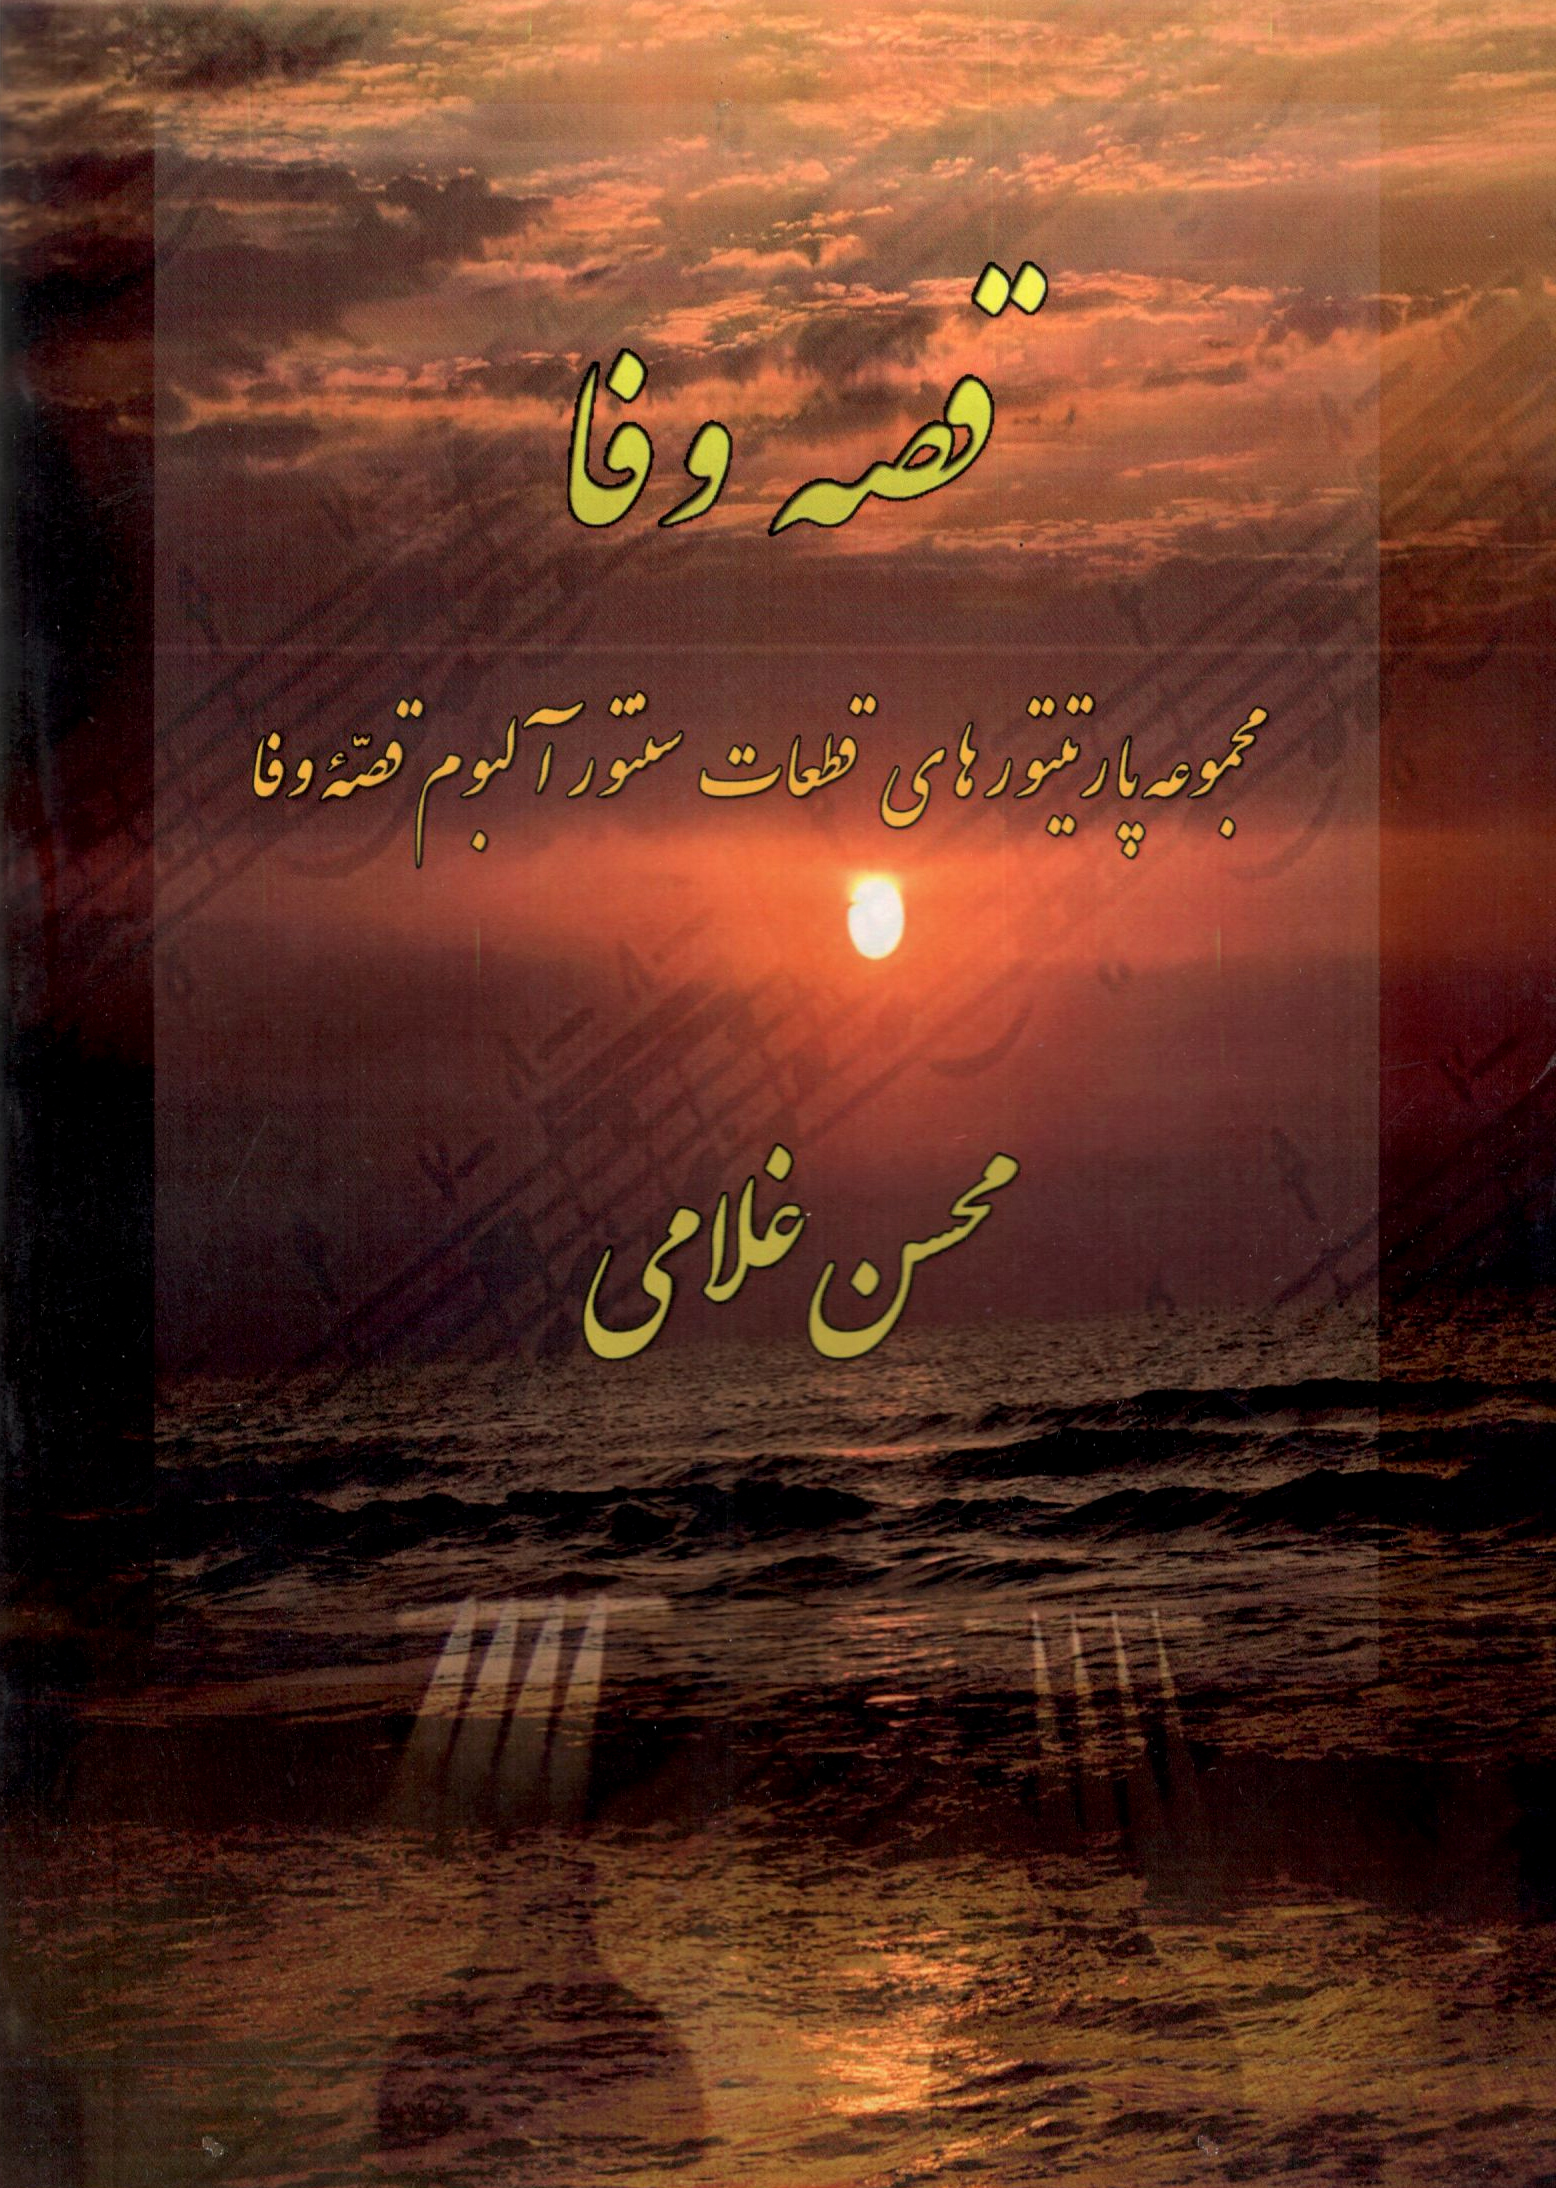 قصه وفا مجموعه پارتیتورهای قطعات سنتور آلبوم قصه وفا ،محسن غلامی